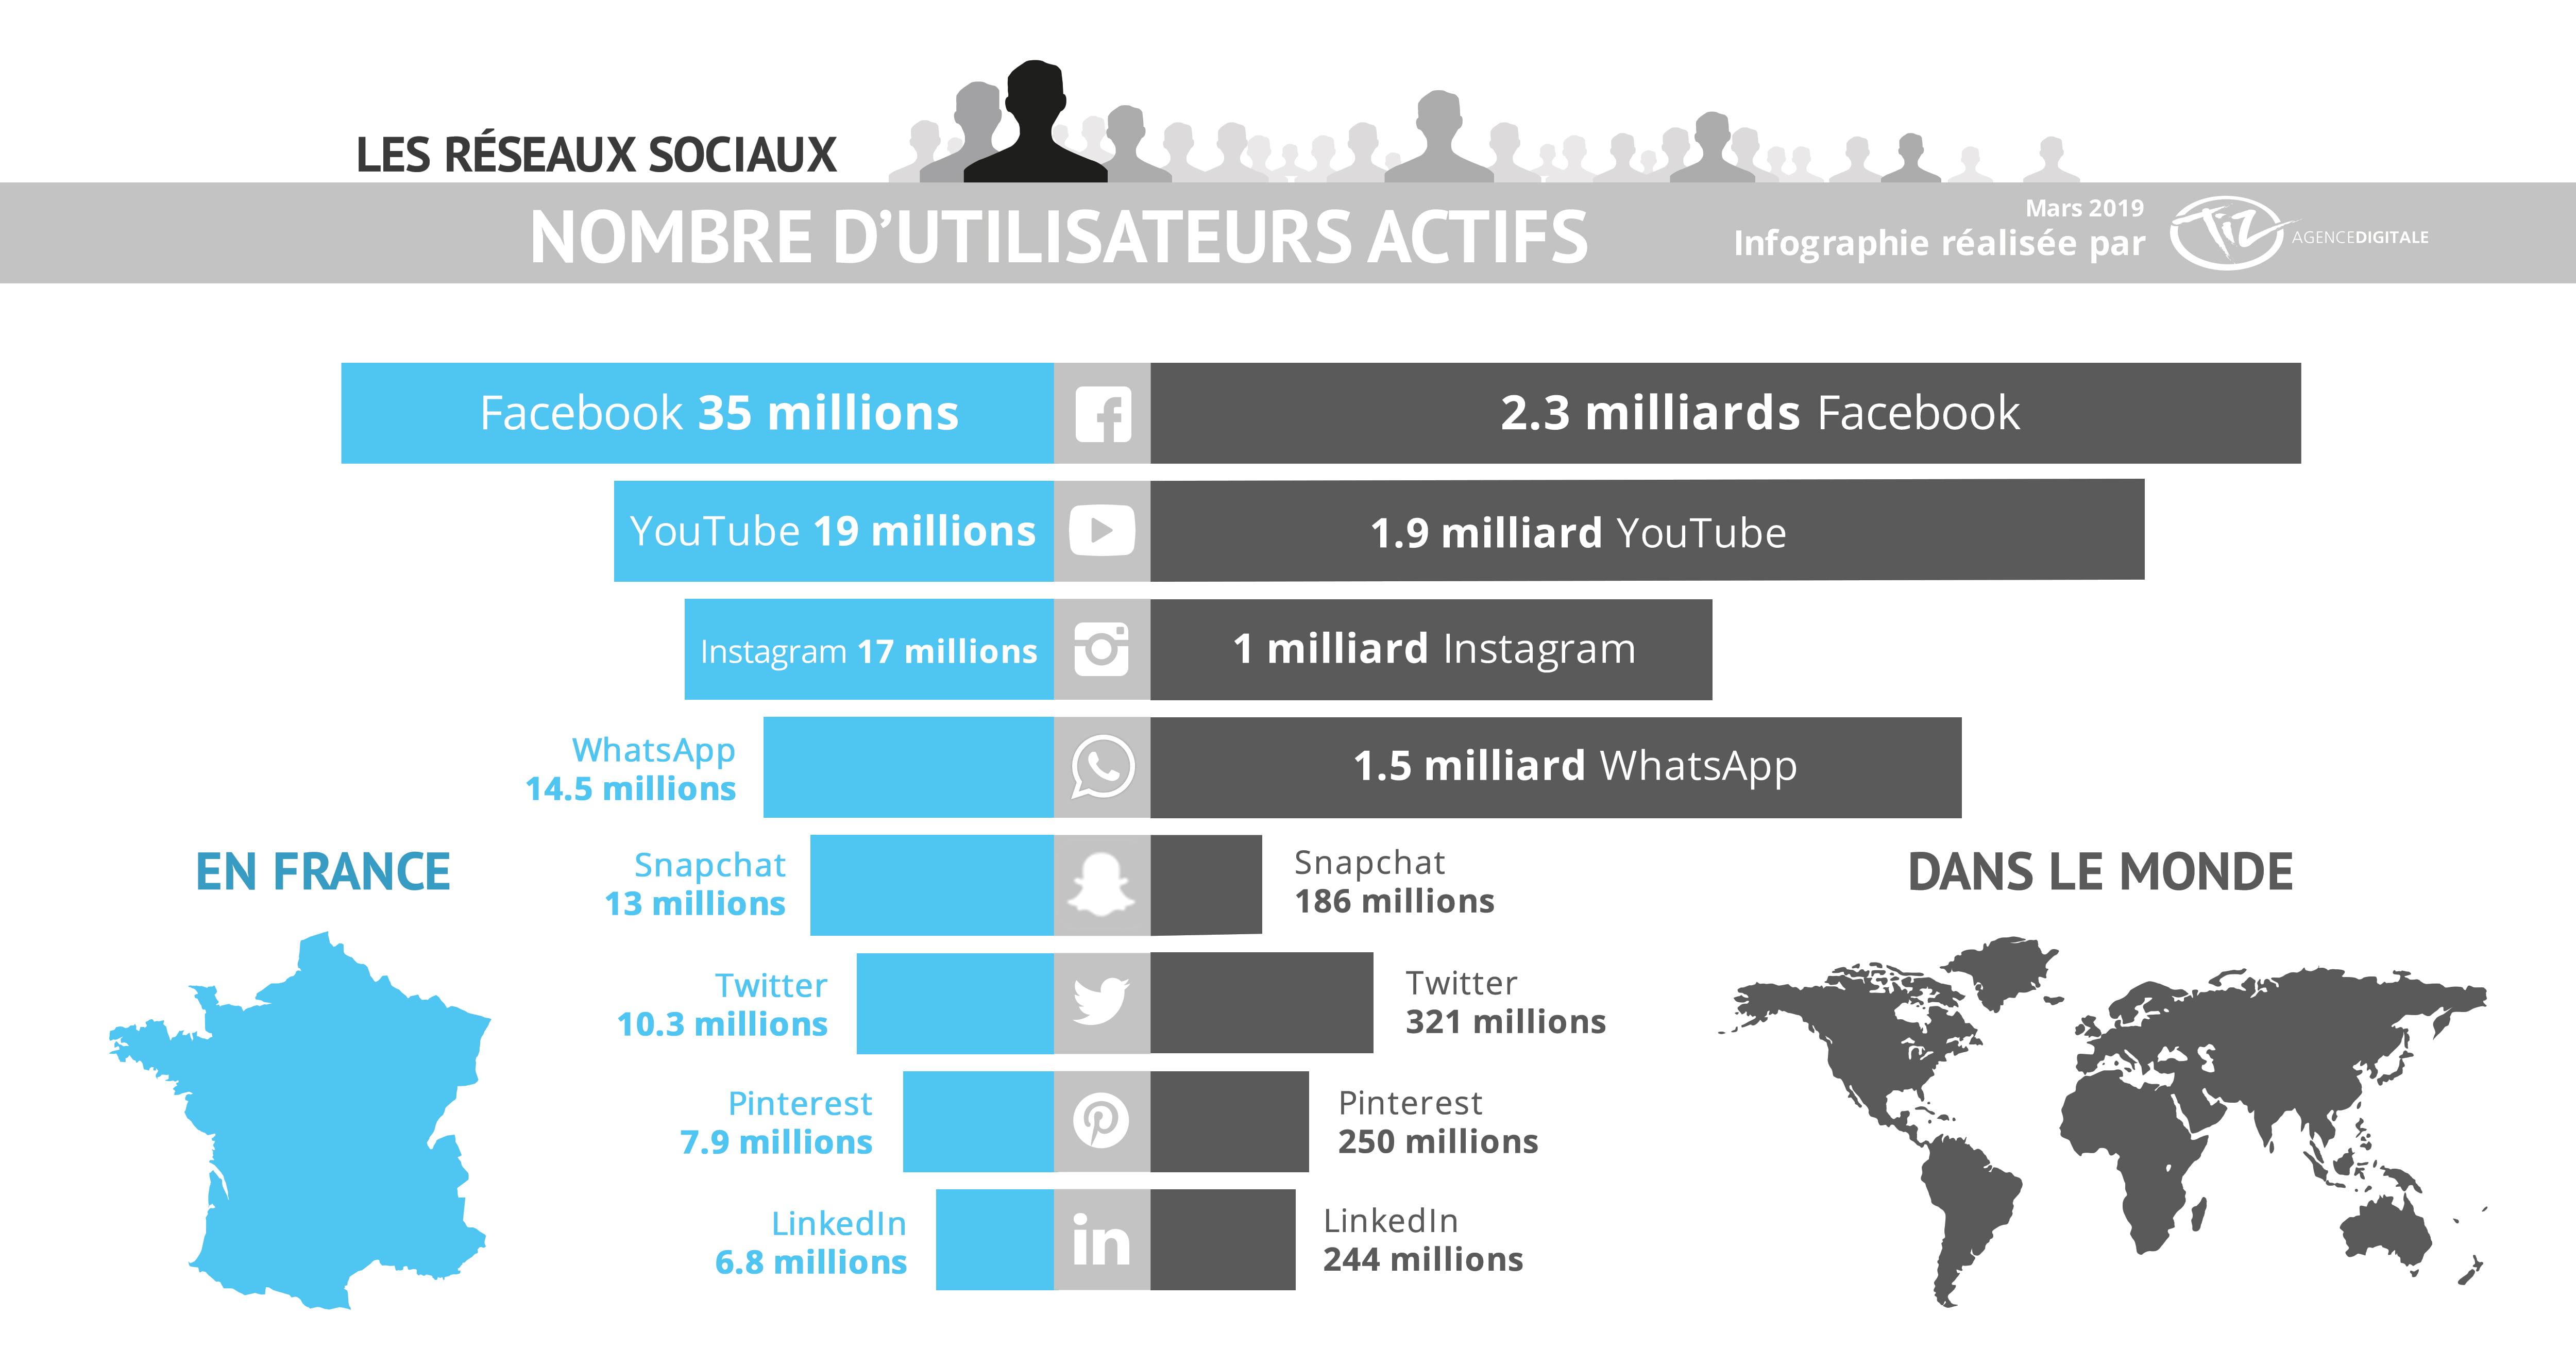 Le classement des réseaux sociaux dans le monde et en France